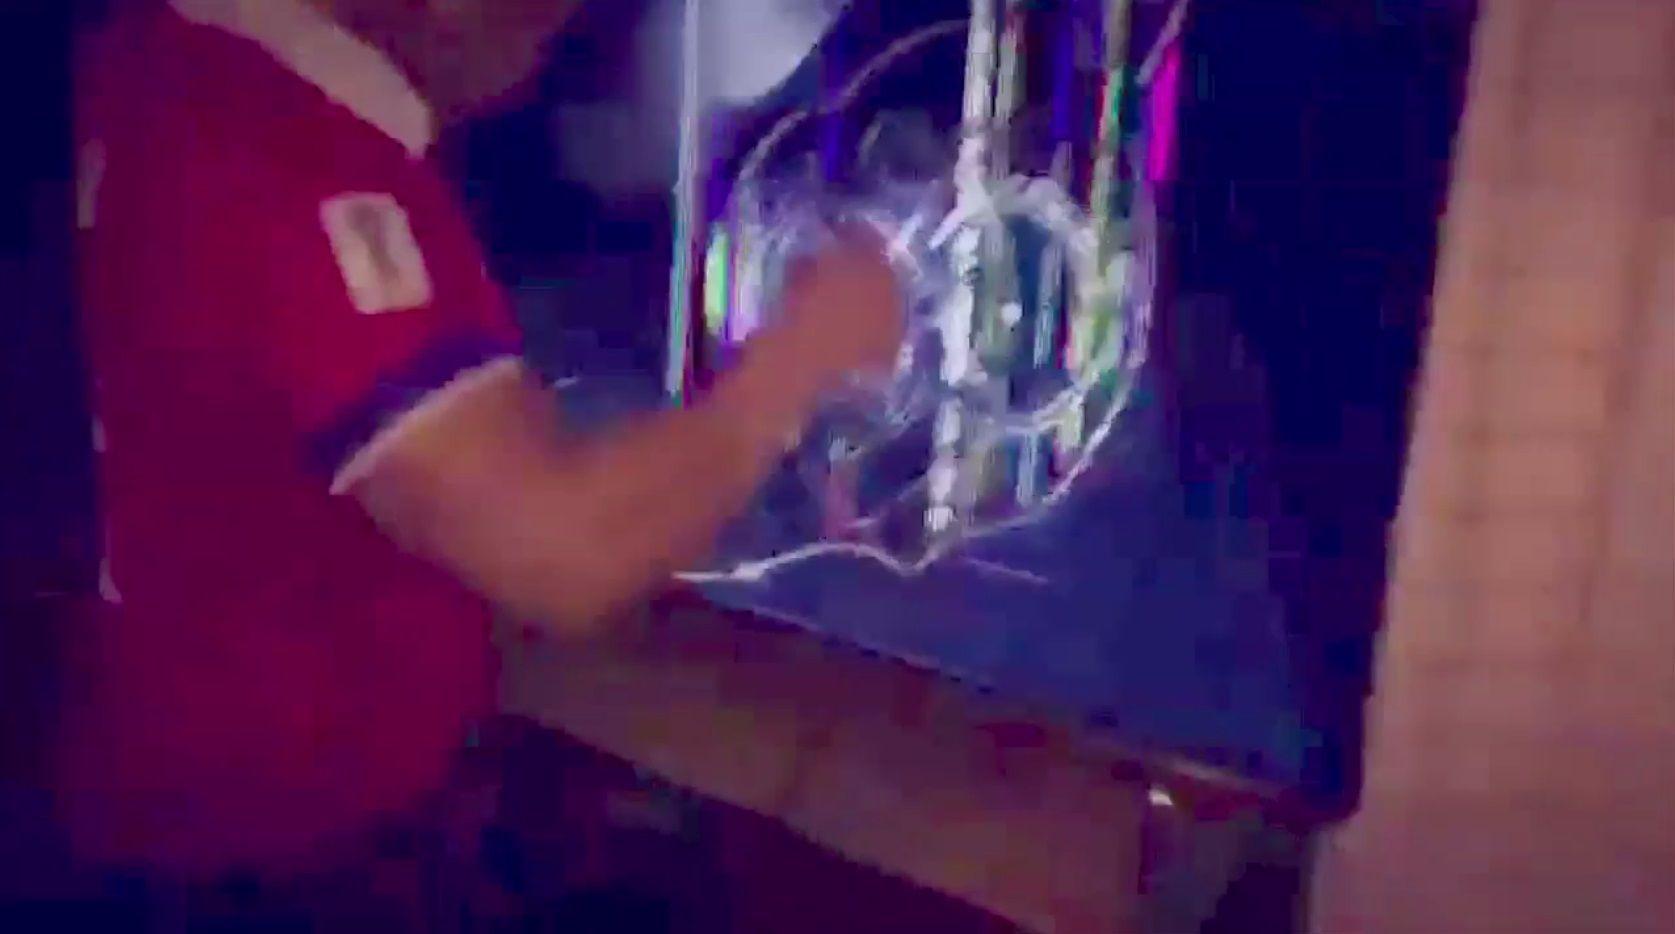 La furia del hincha chileno rompiendo un LED se viralizó